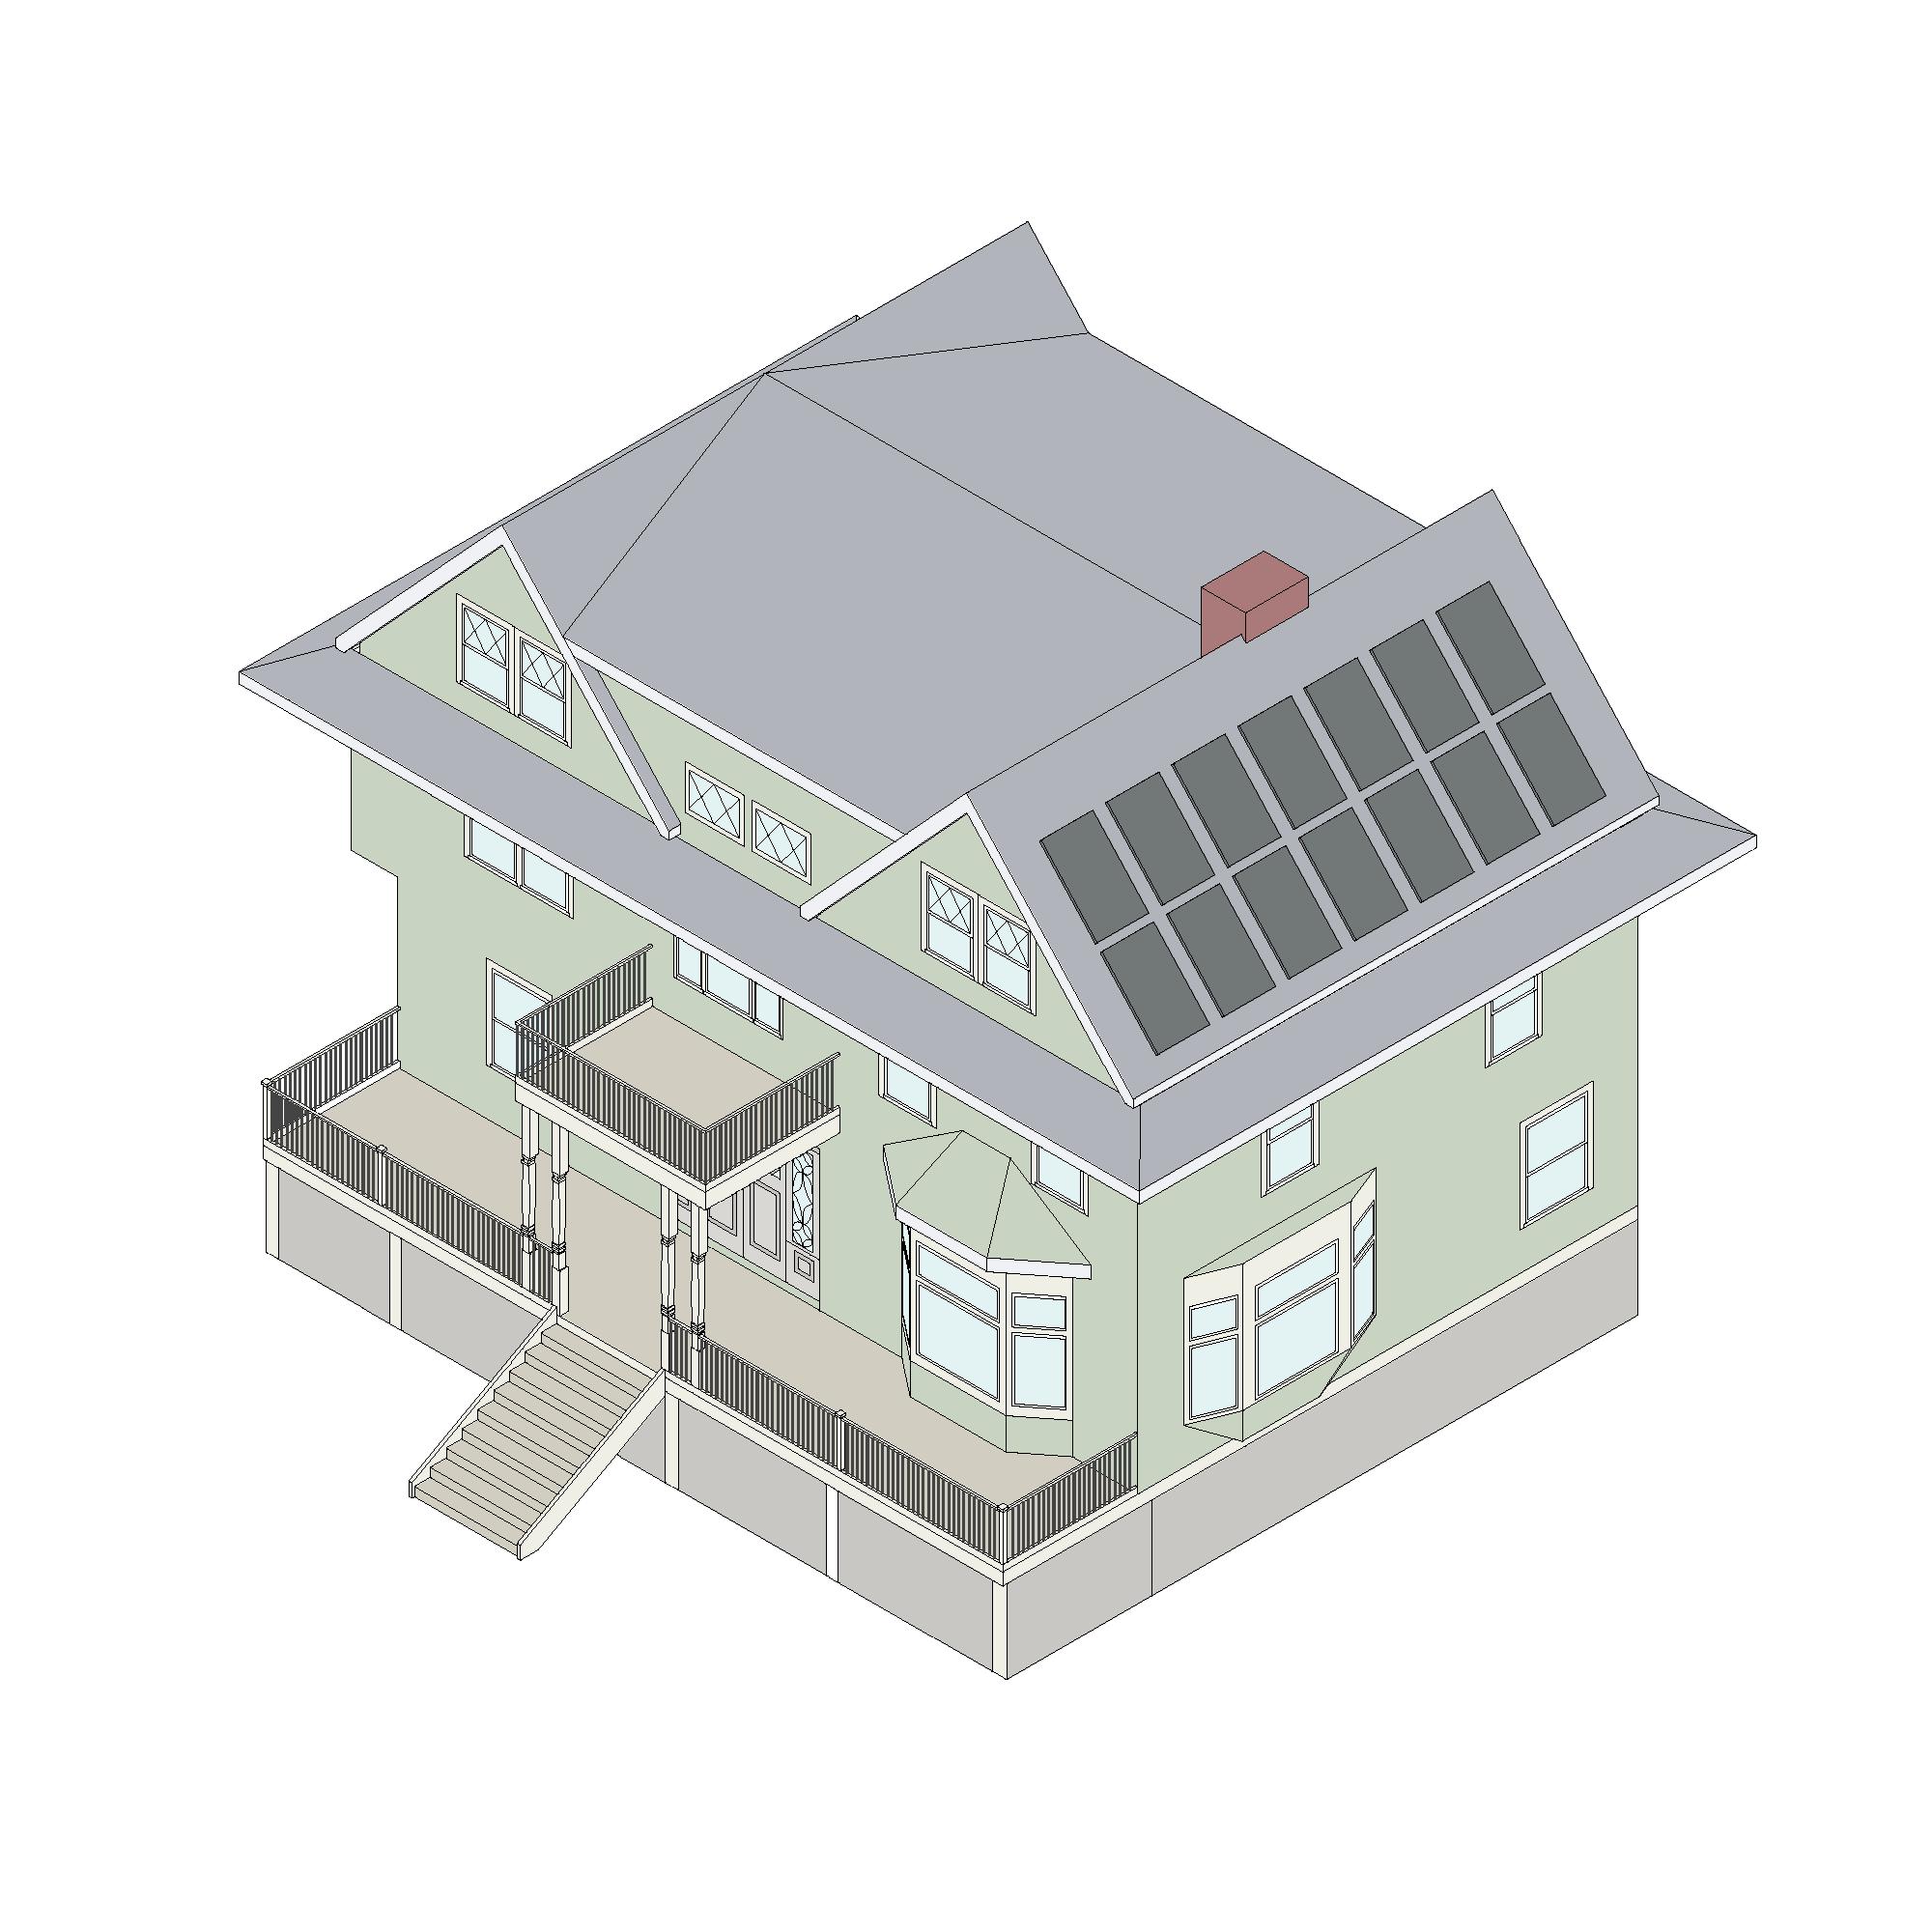 Aspinwall Hill Renovation